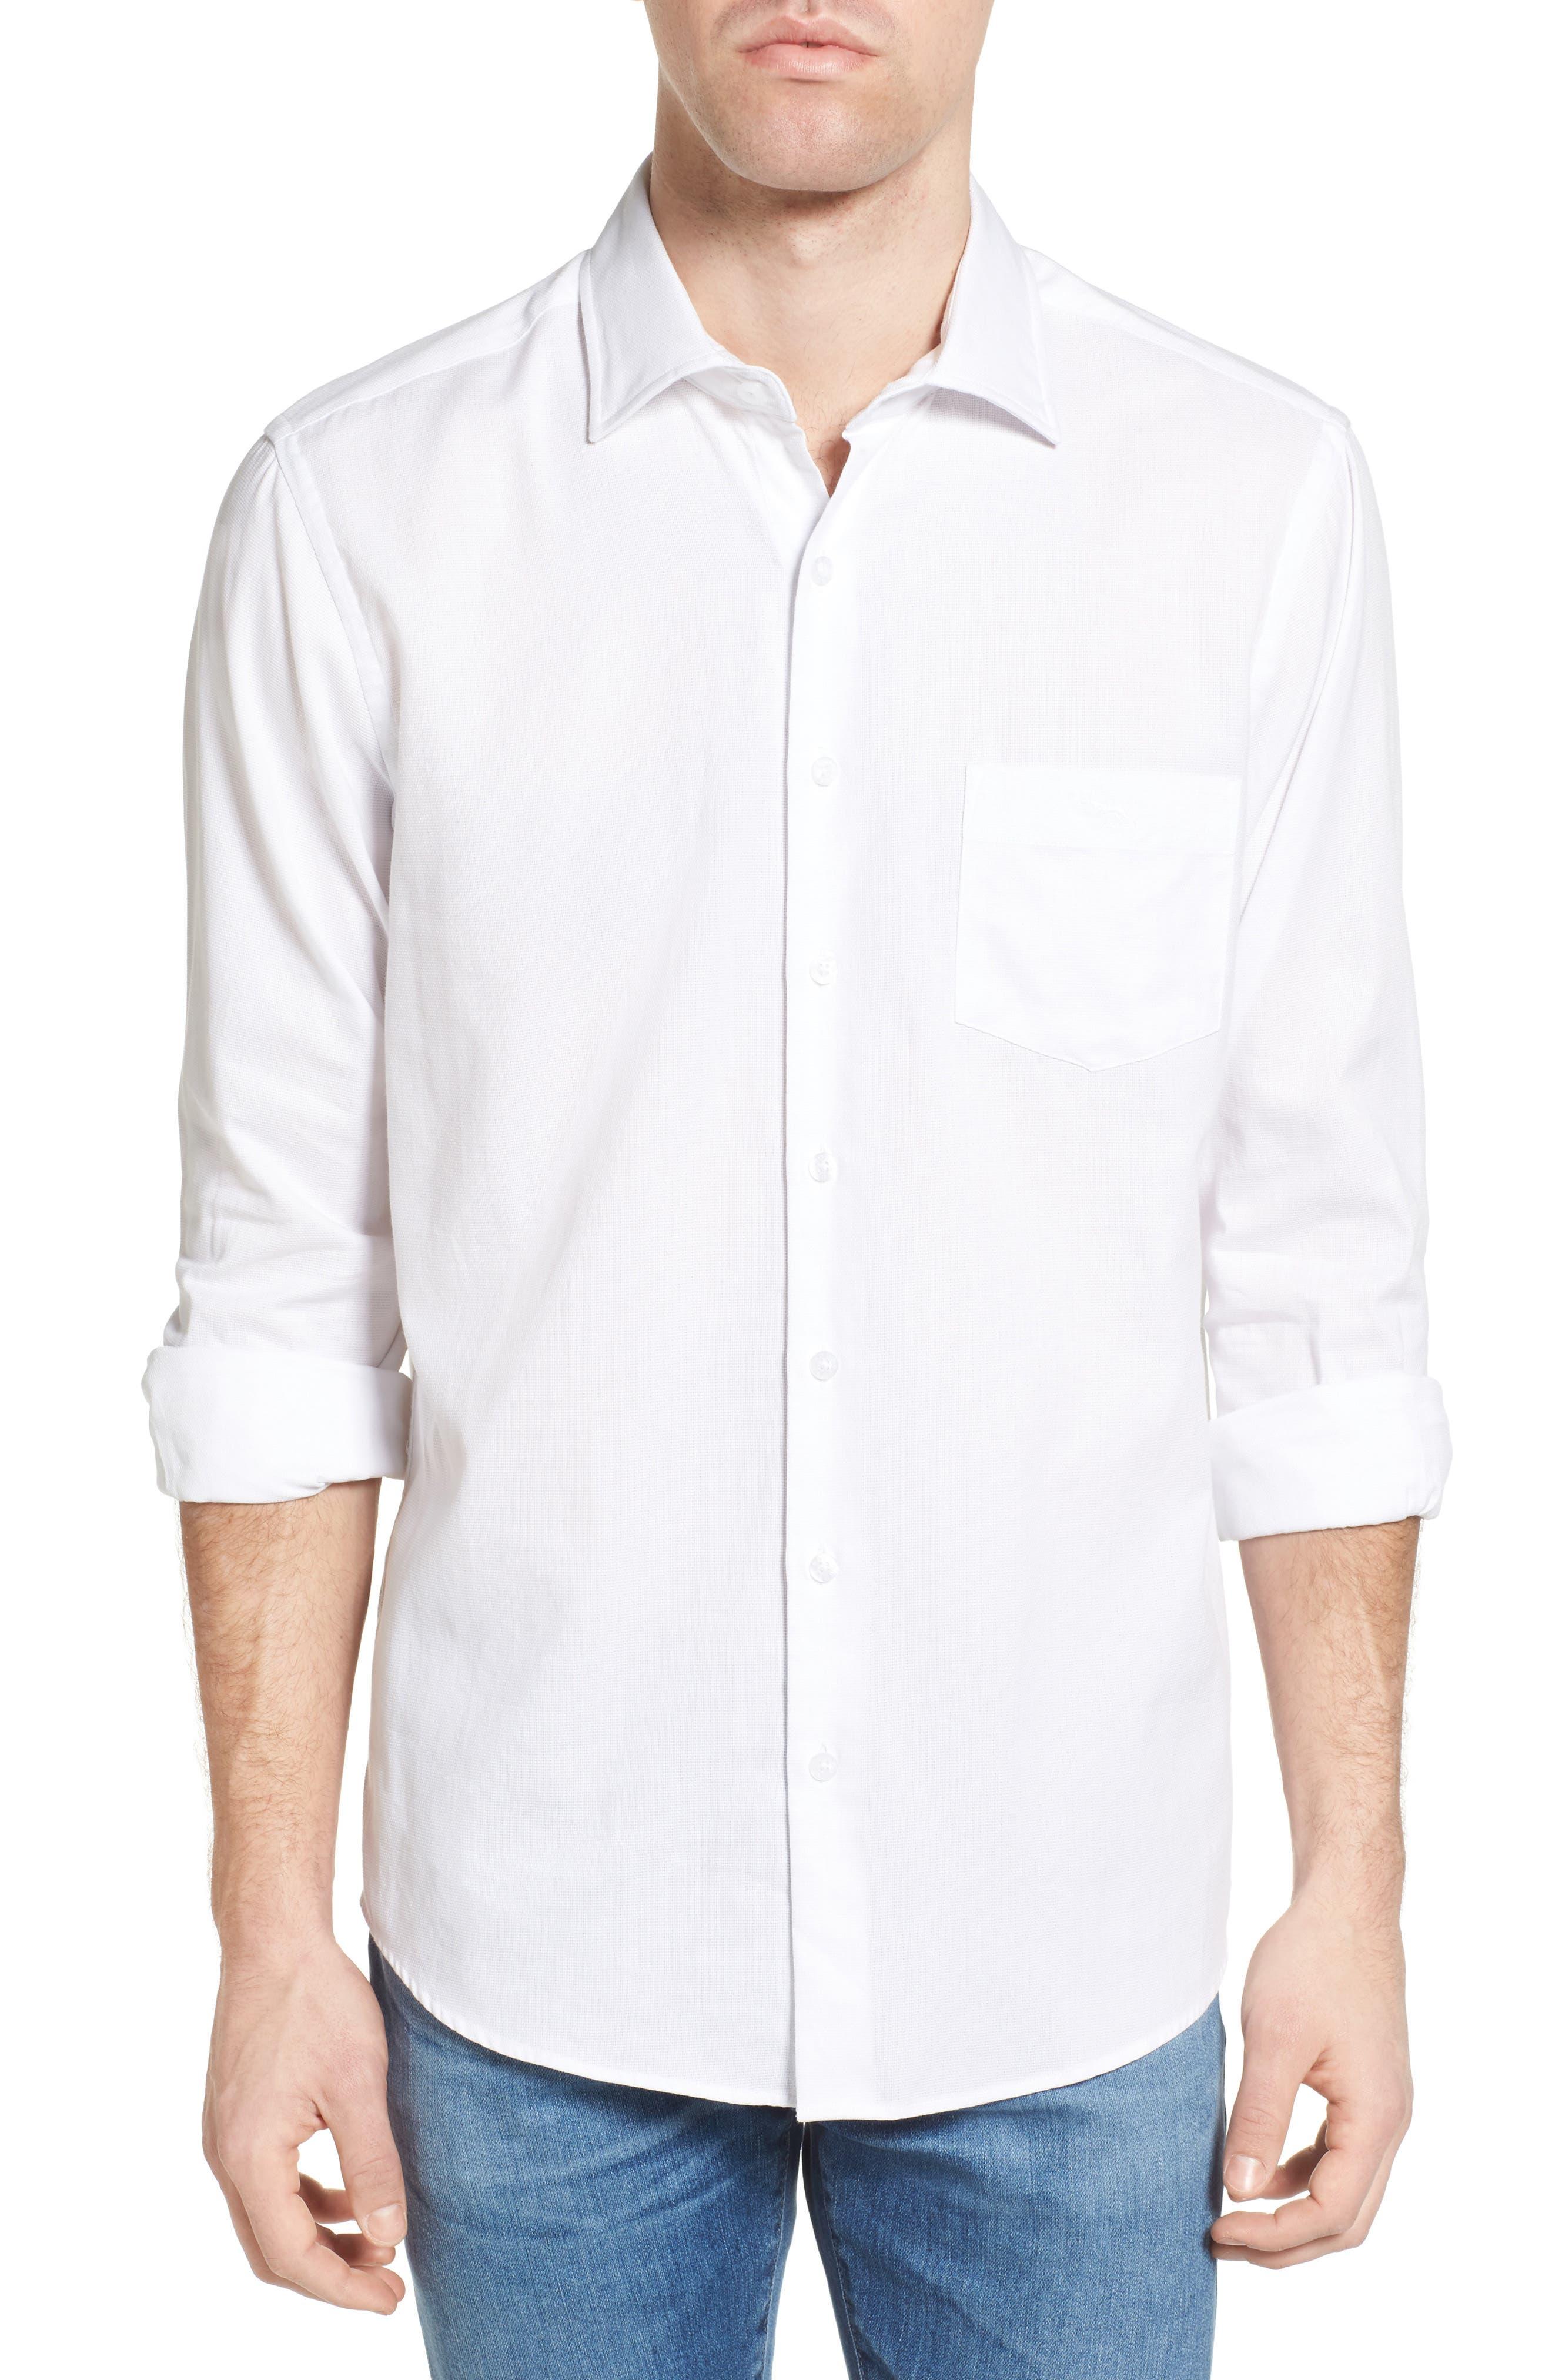 Mount Hutton Sport Shirt,                         Main,                         color, 111